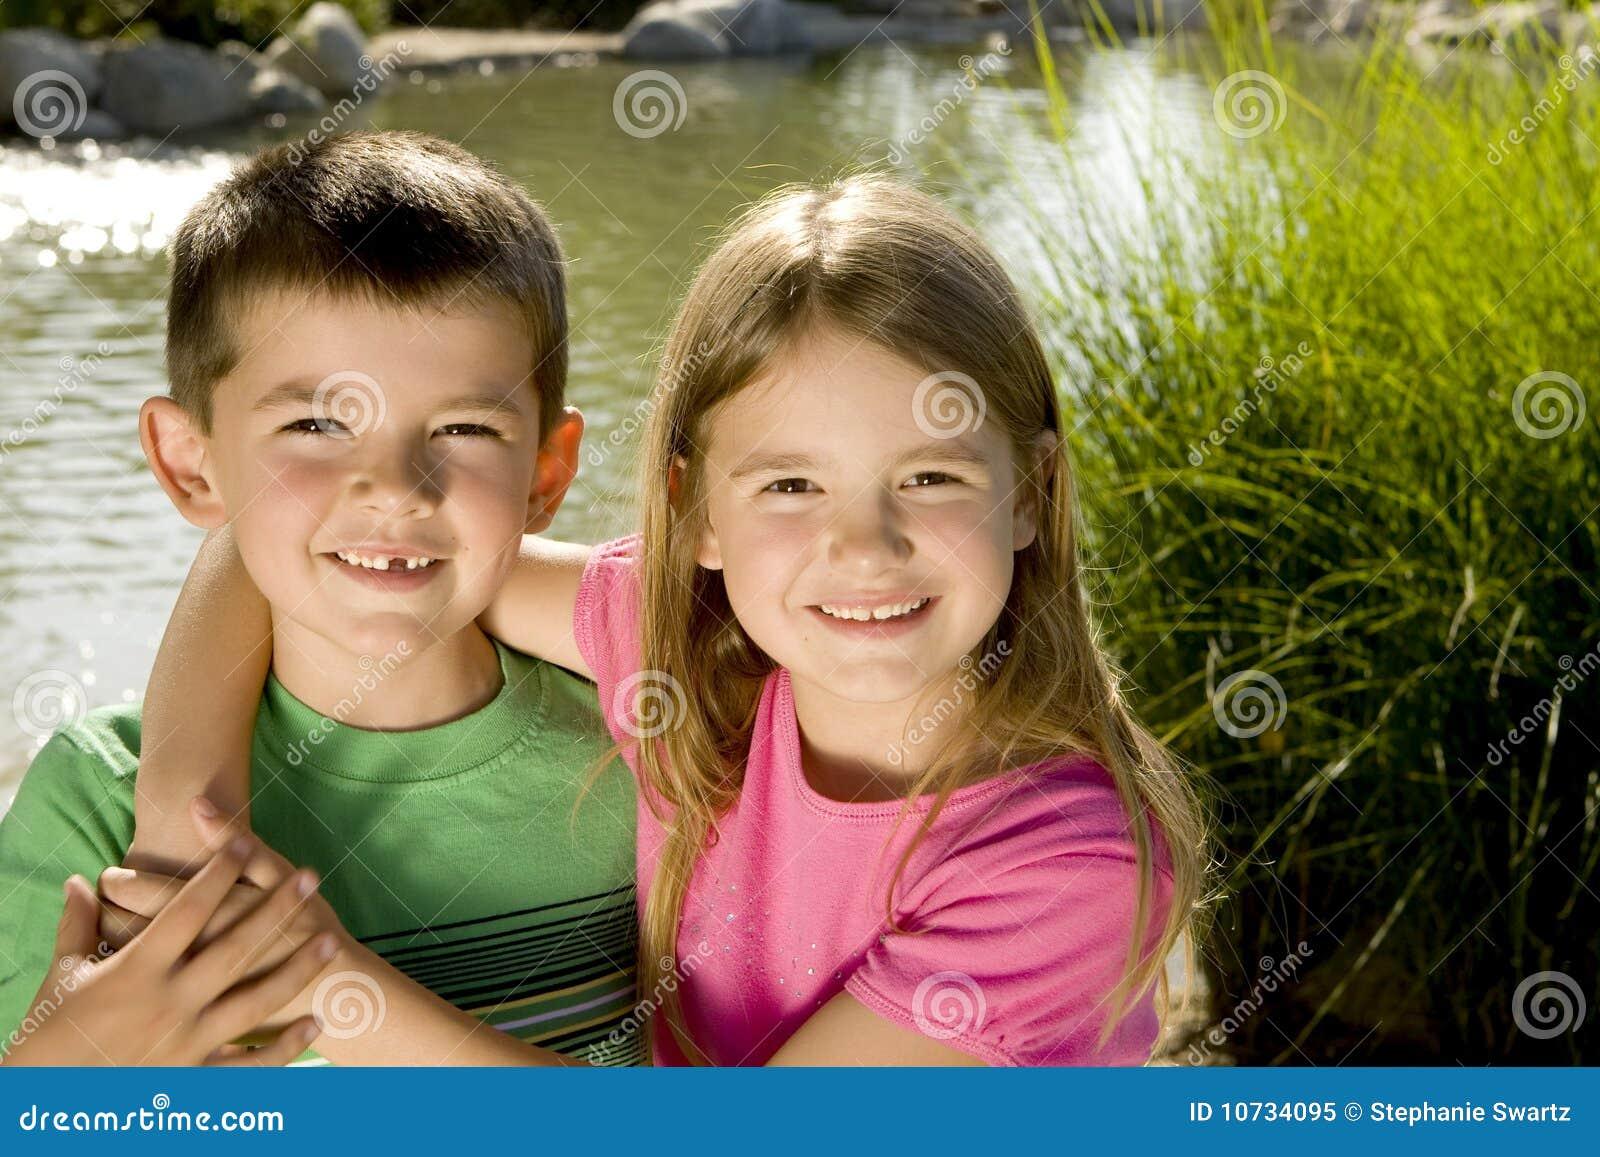 Kostenloses Bruder und Schwestern Photos - FreeImages.com